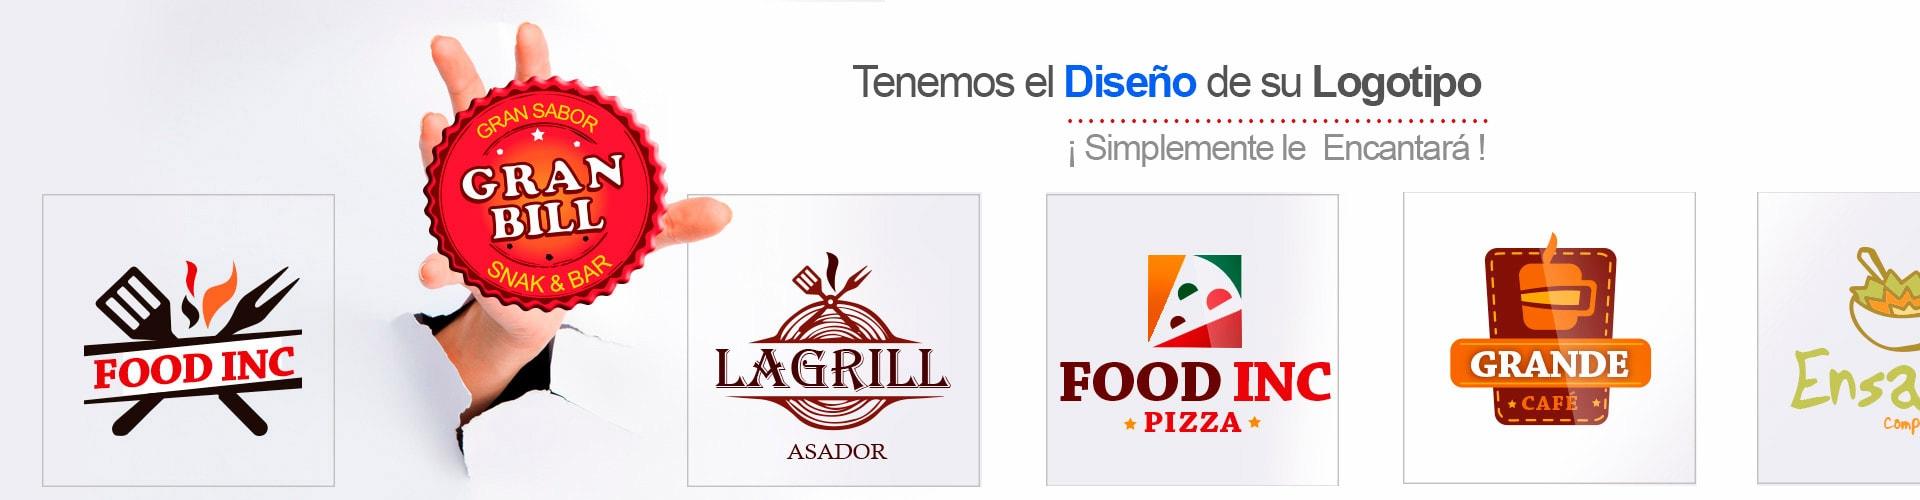 diseno.logotipos.mex1